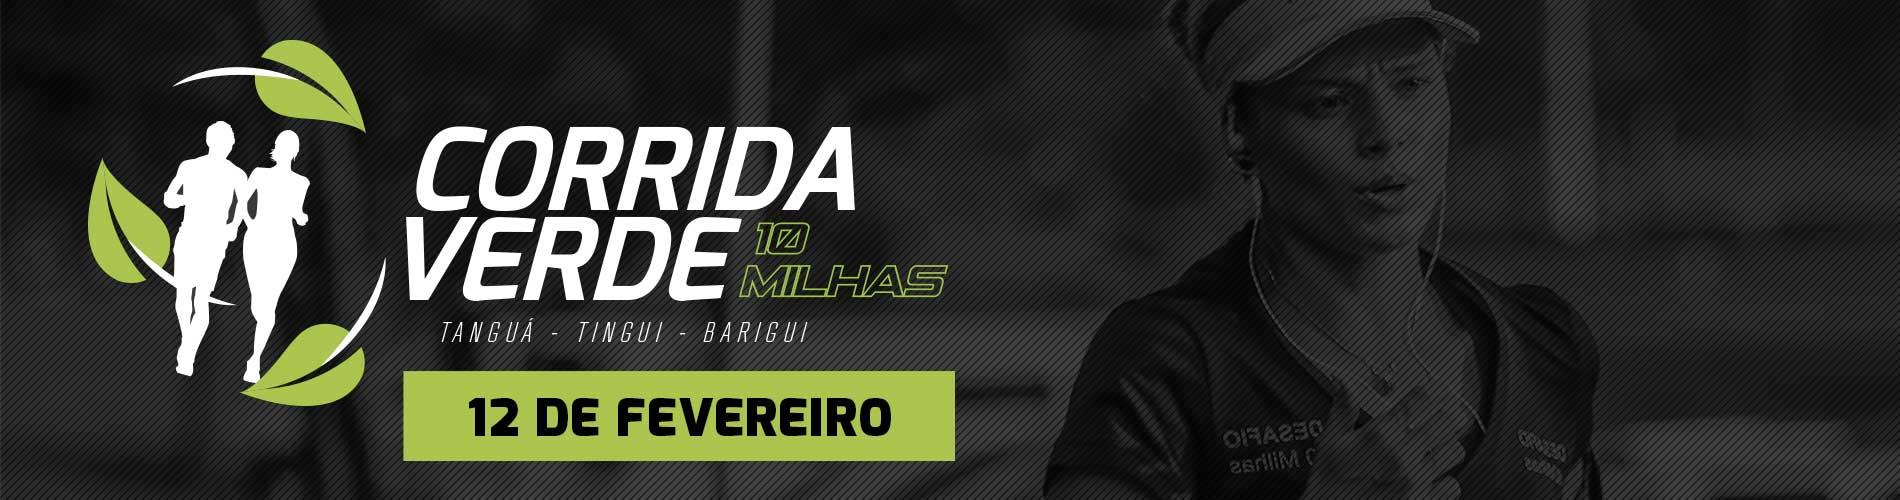 CORRIDA VERDE - DESAFIO 10 MILHAS - 2017